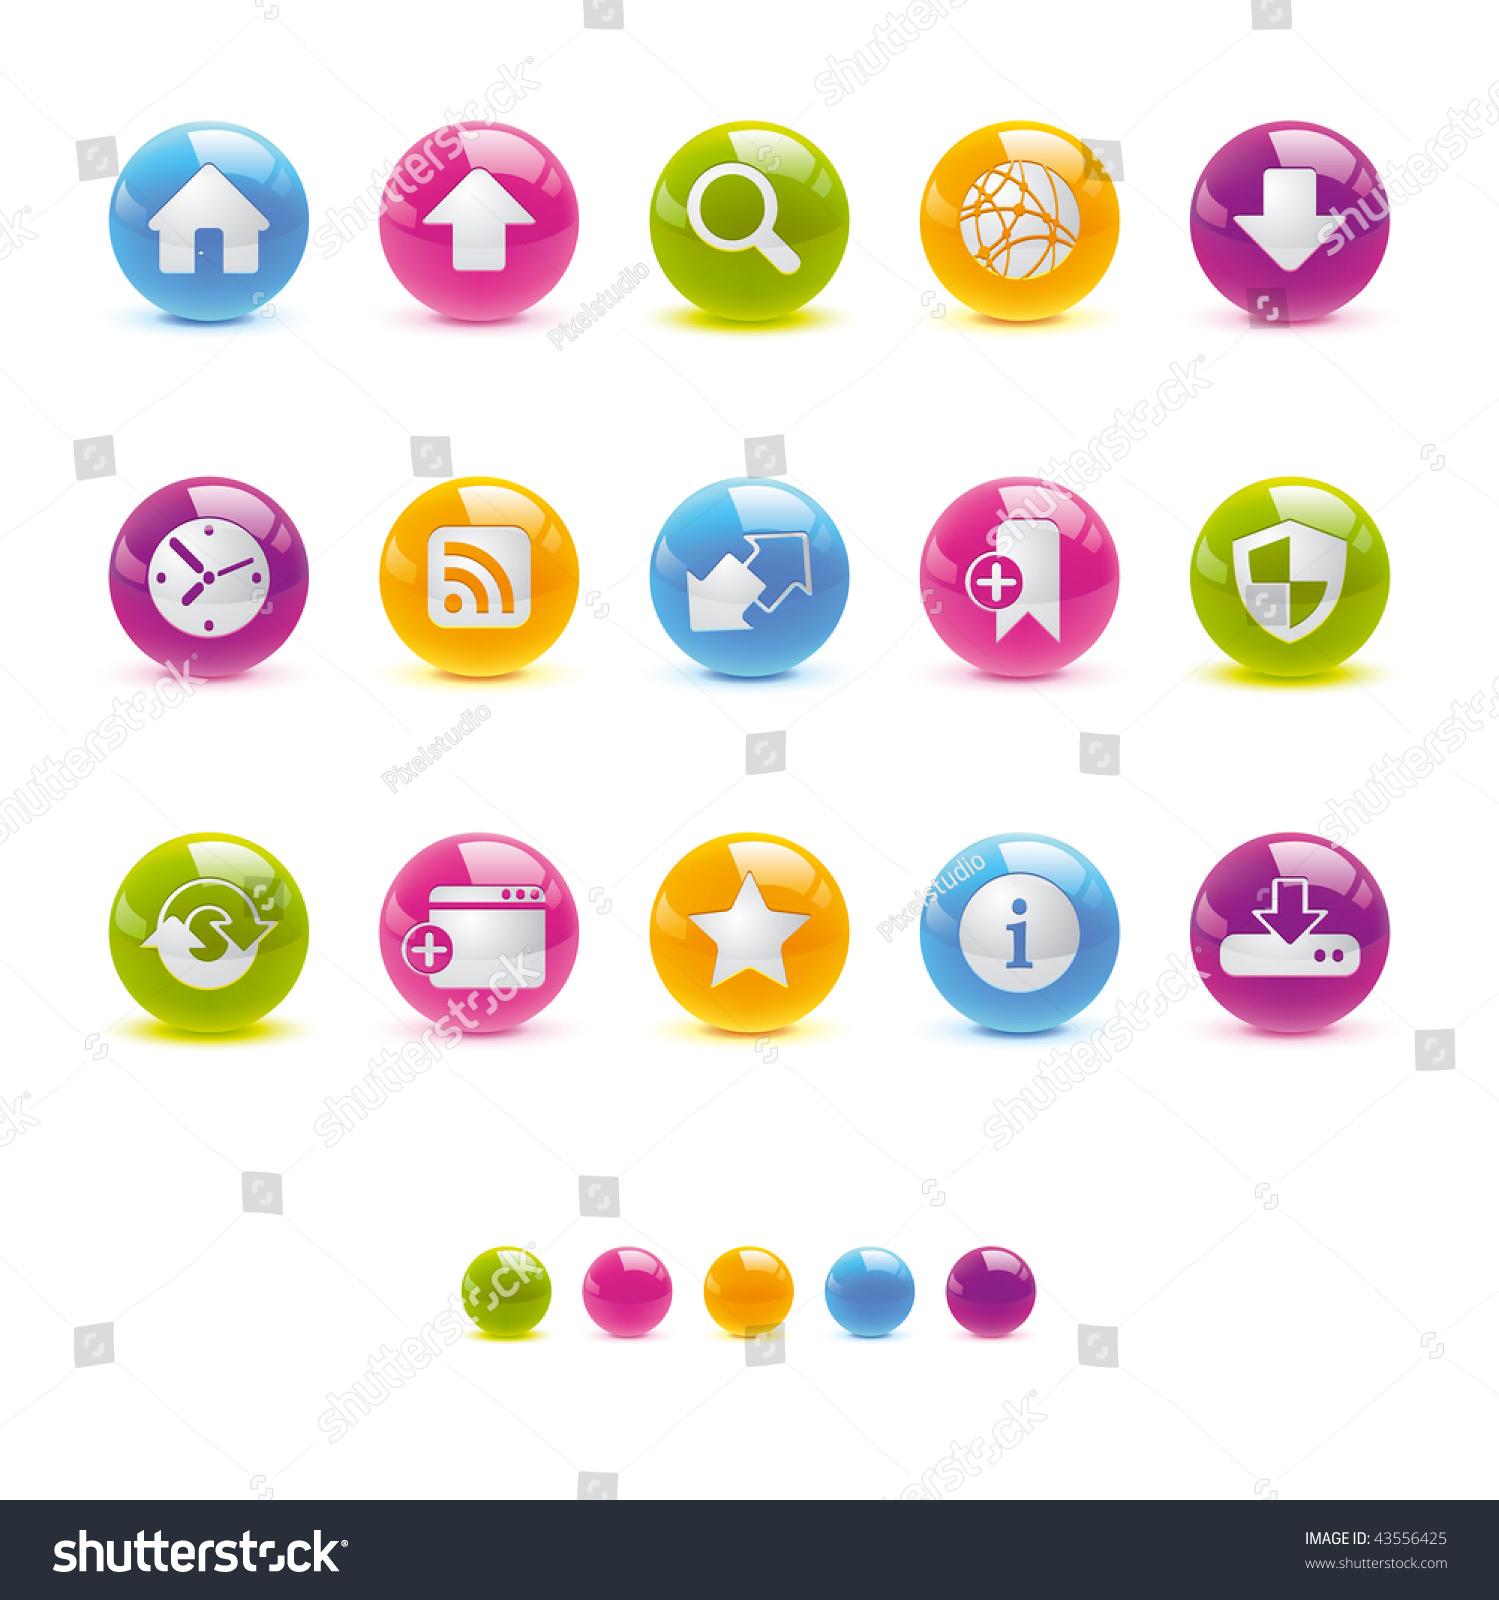 光滑的圆形图标- web和网络矢量adobe illustrator  8